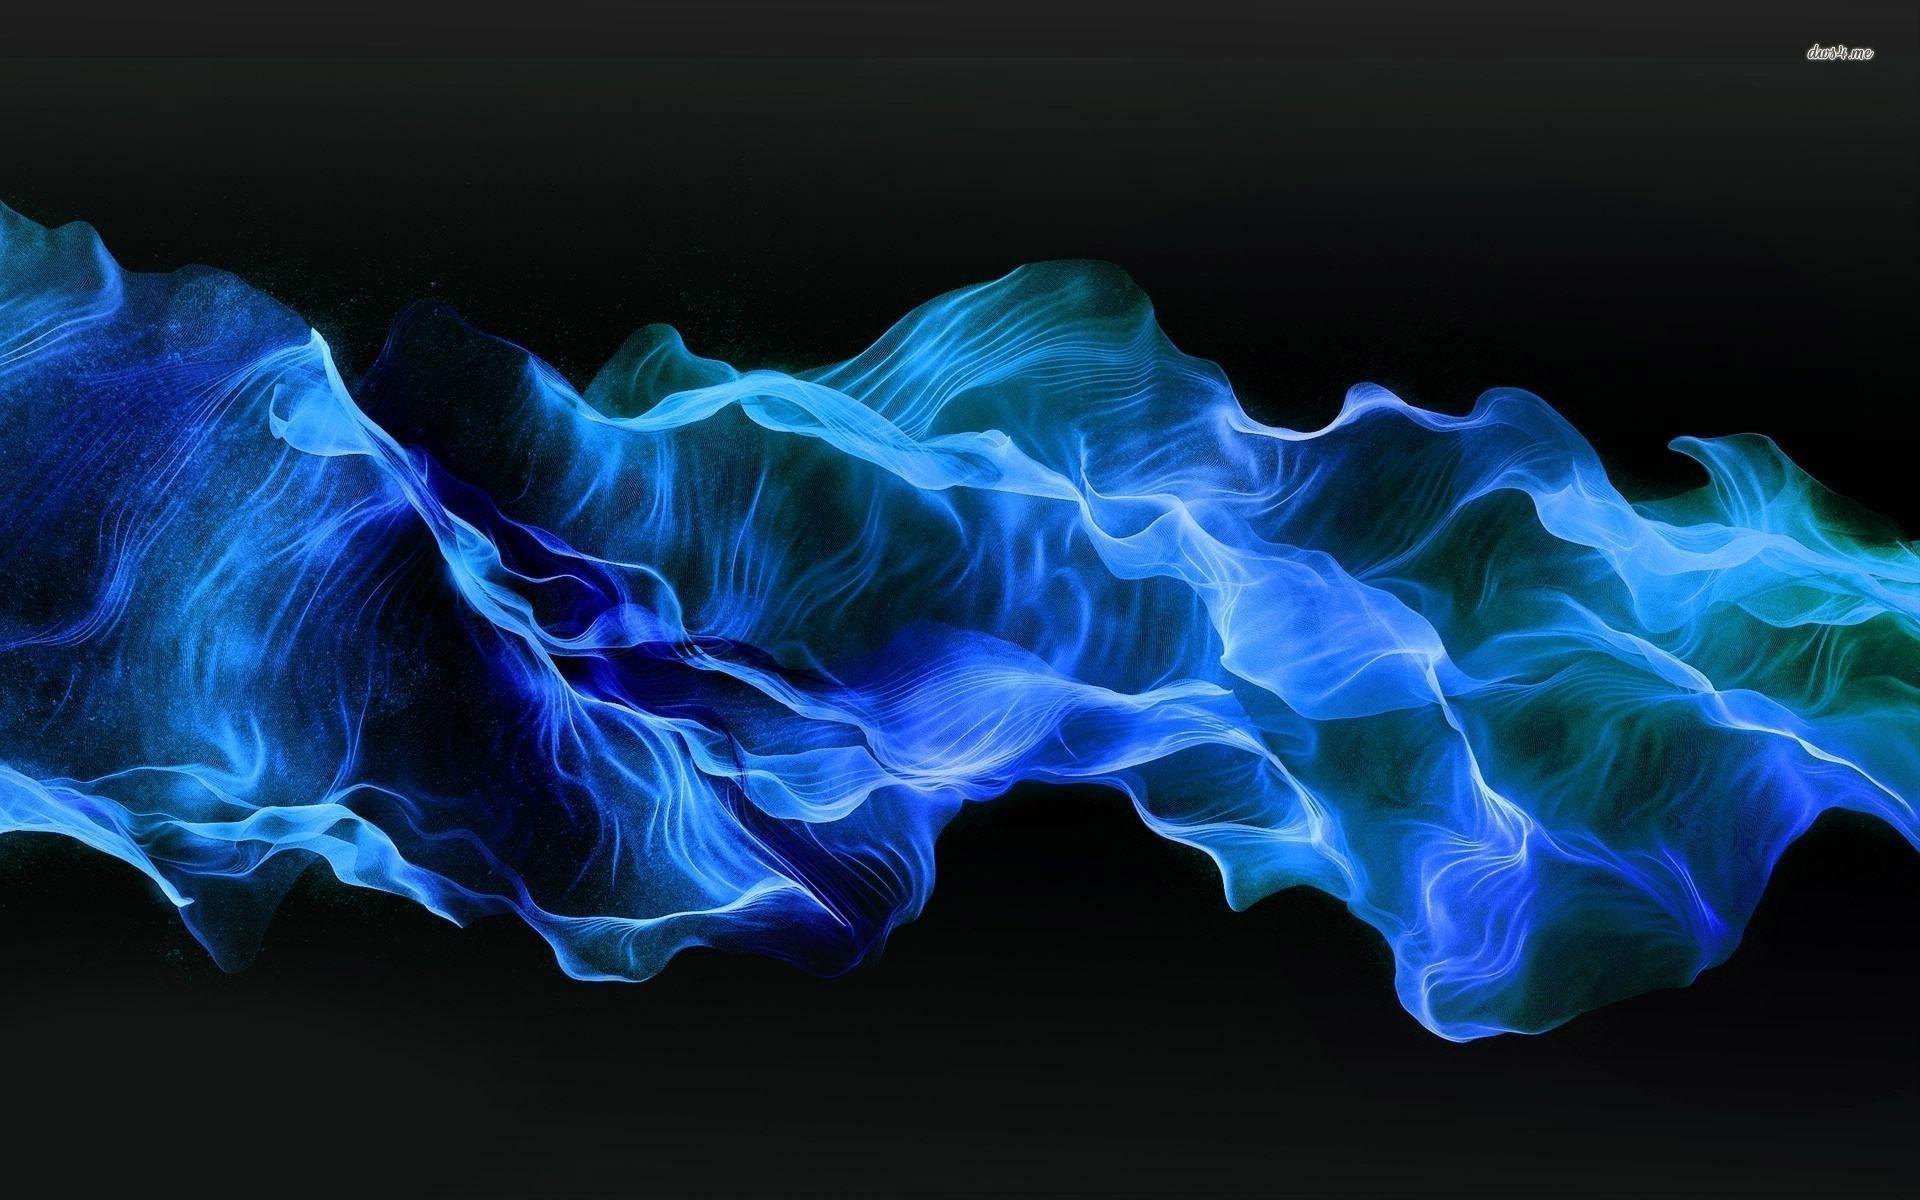 Blue Smoke Wallpapers Desktop 12613 HD Pictures | Best Desktop .